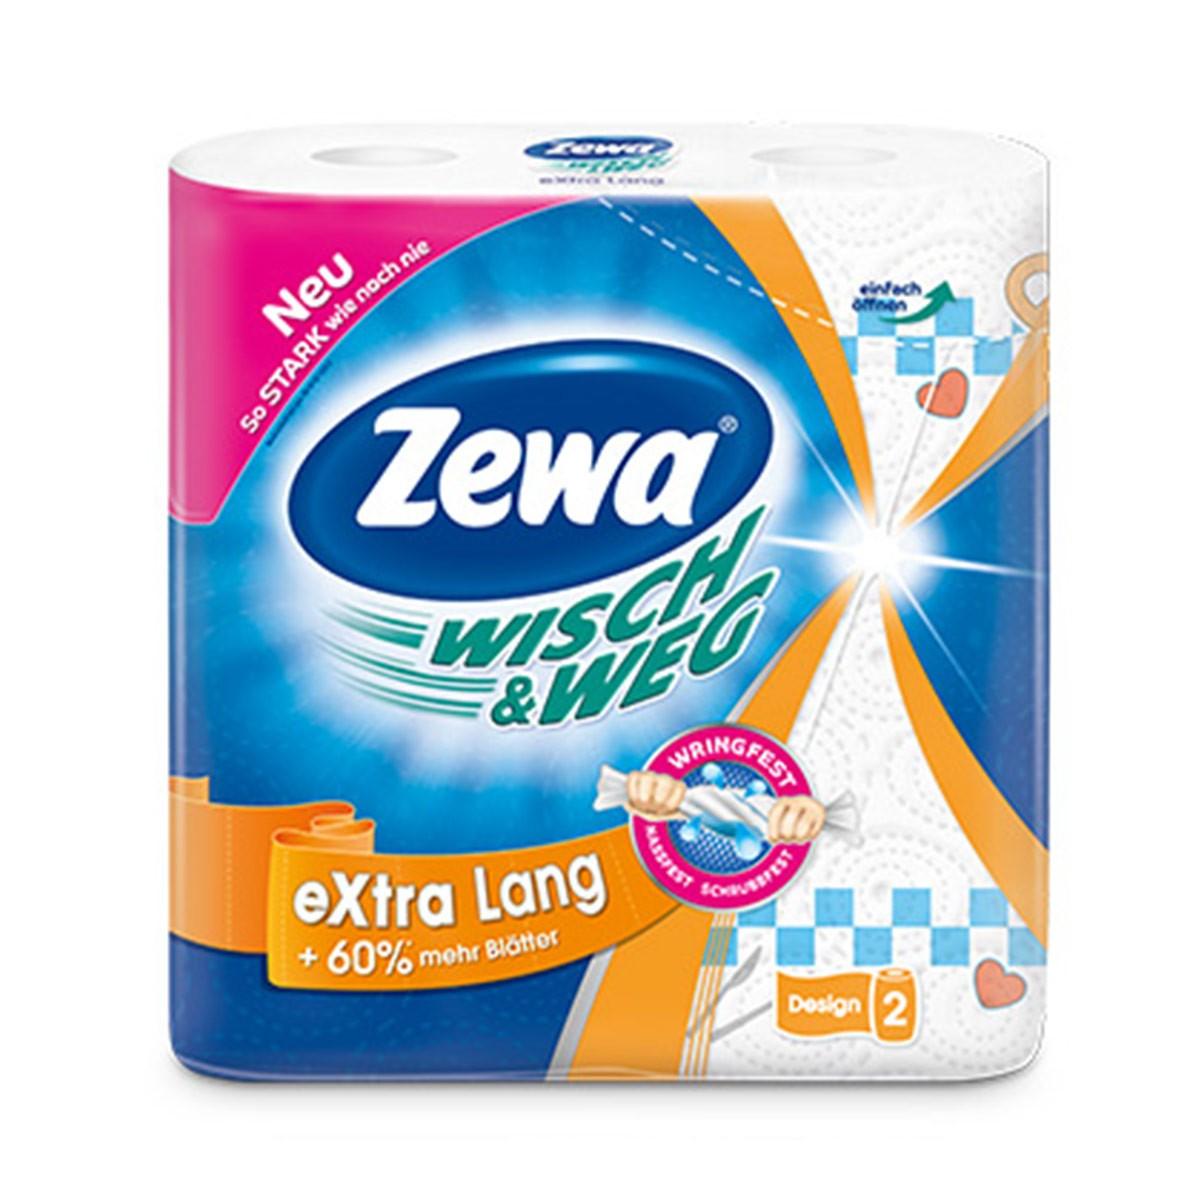 Бумажные полотенца Zewa Wish & Weg, двухслойные, 2 рулонаIRK-503Бумажные полотенца с рисунком от ZEWA – это яркий стиль жизни. Два плотных слоя прочных полотенец обеспечивают легкое удаление сухих и влажных загрязнений. Благодаря красочному дизайну они поднимают настроение и украшают ваш дом.Белые двухслойные прочные бумажные полотенца с цветным рисунком. 2 рулона в упаковке. Состав: целлюлоза.